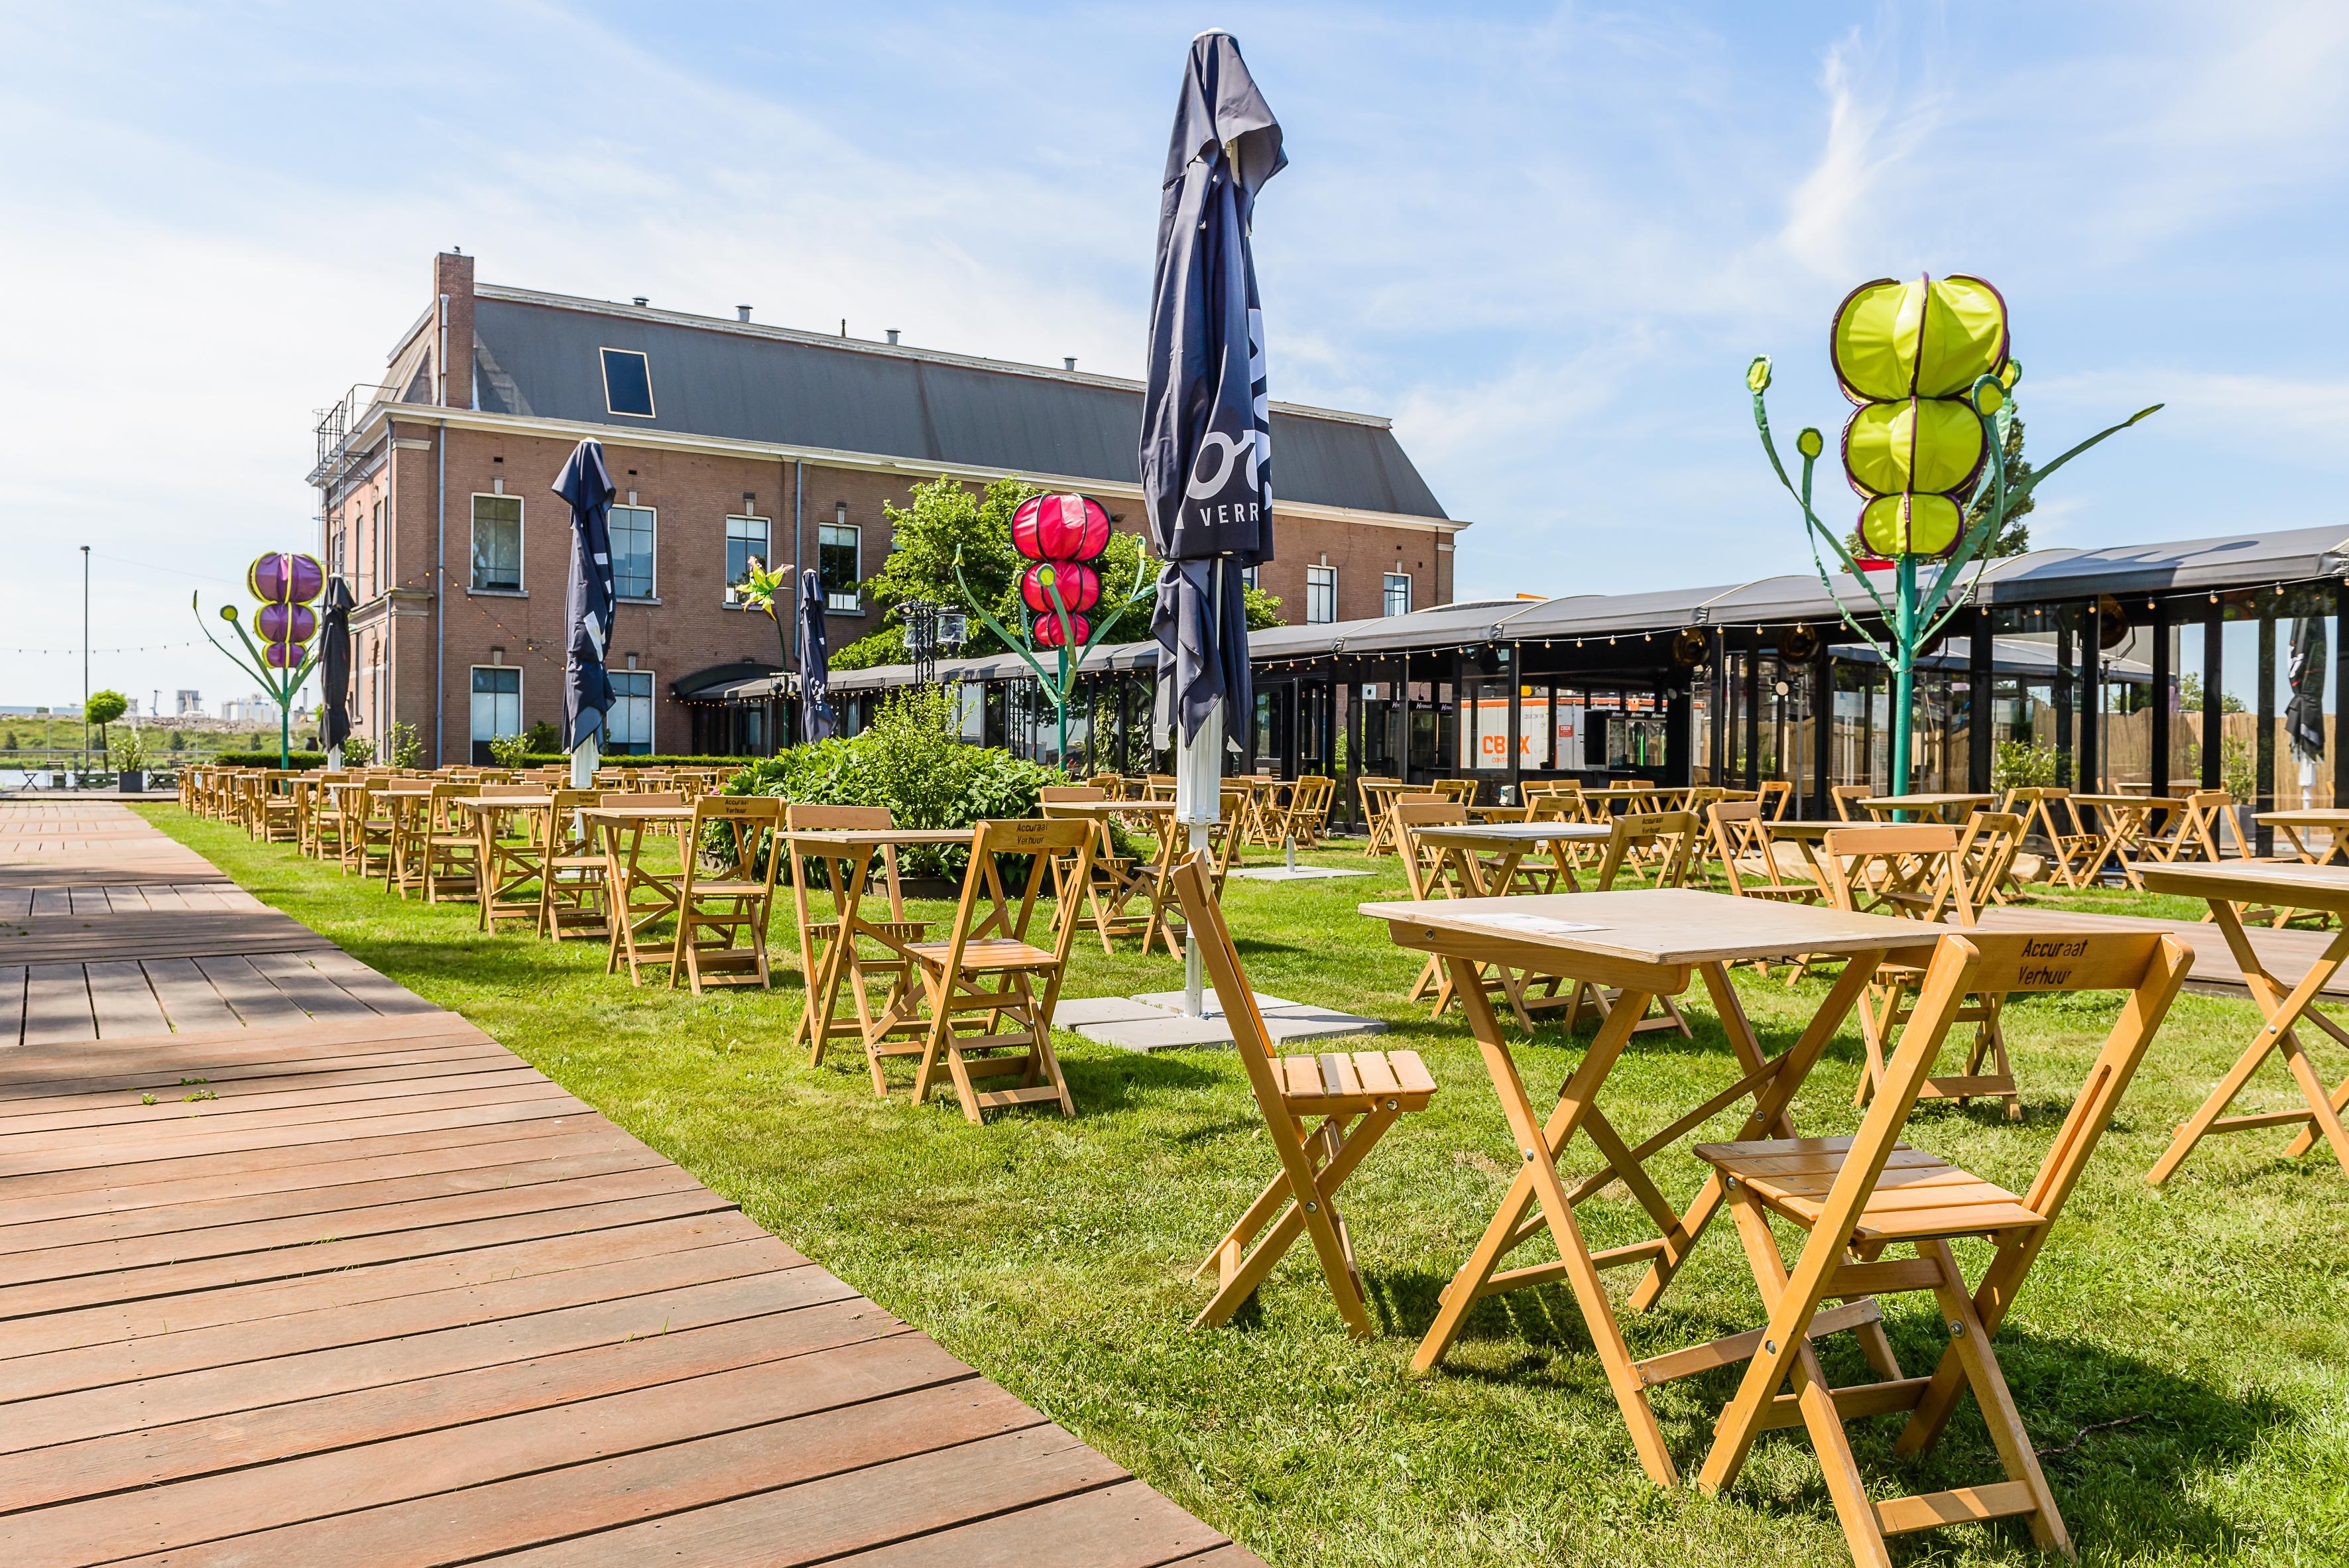 Terrastival de HEMtuin heeft alles: een museum, meerdere terrassen, een dinnershow én een enorm coronaprotocol